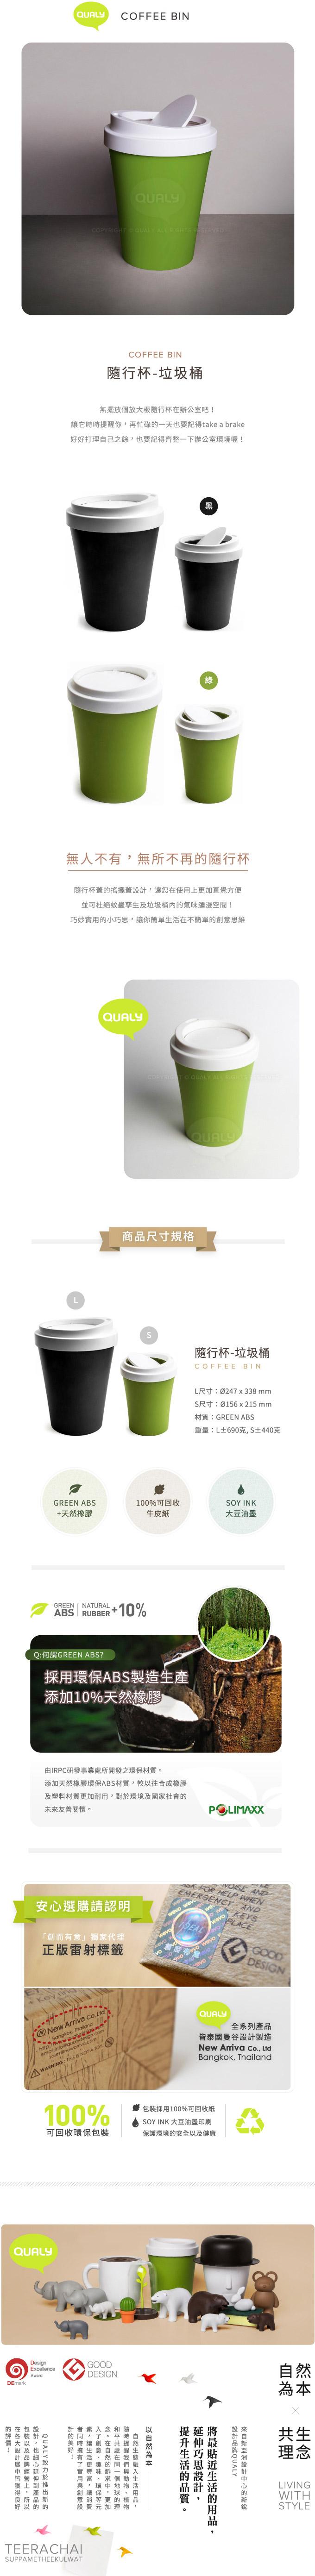 QUALY 隨行杯 垃圾桶 L 綠色